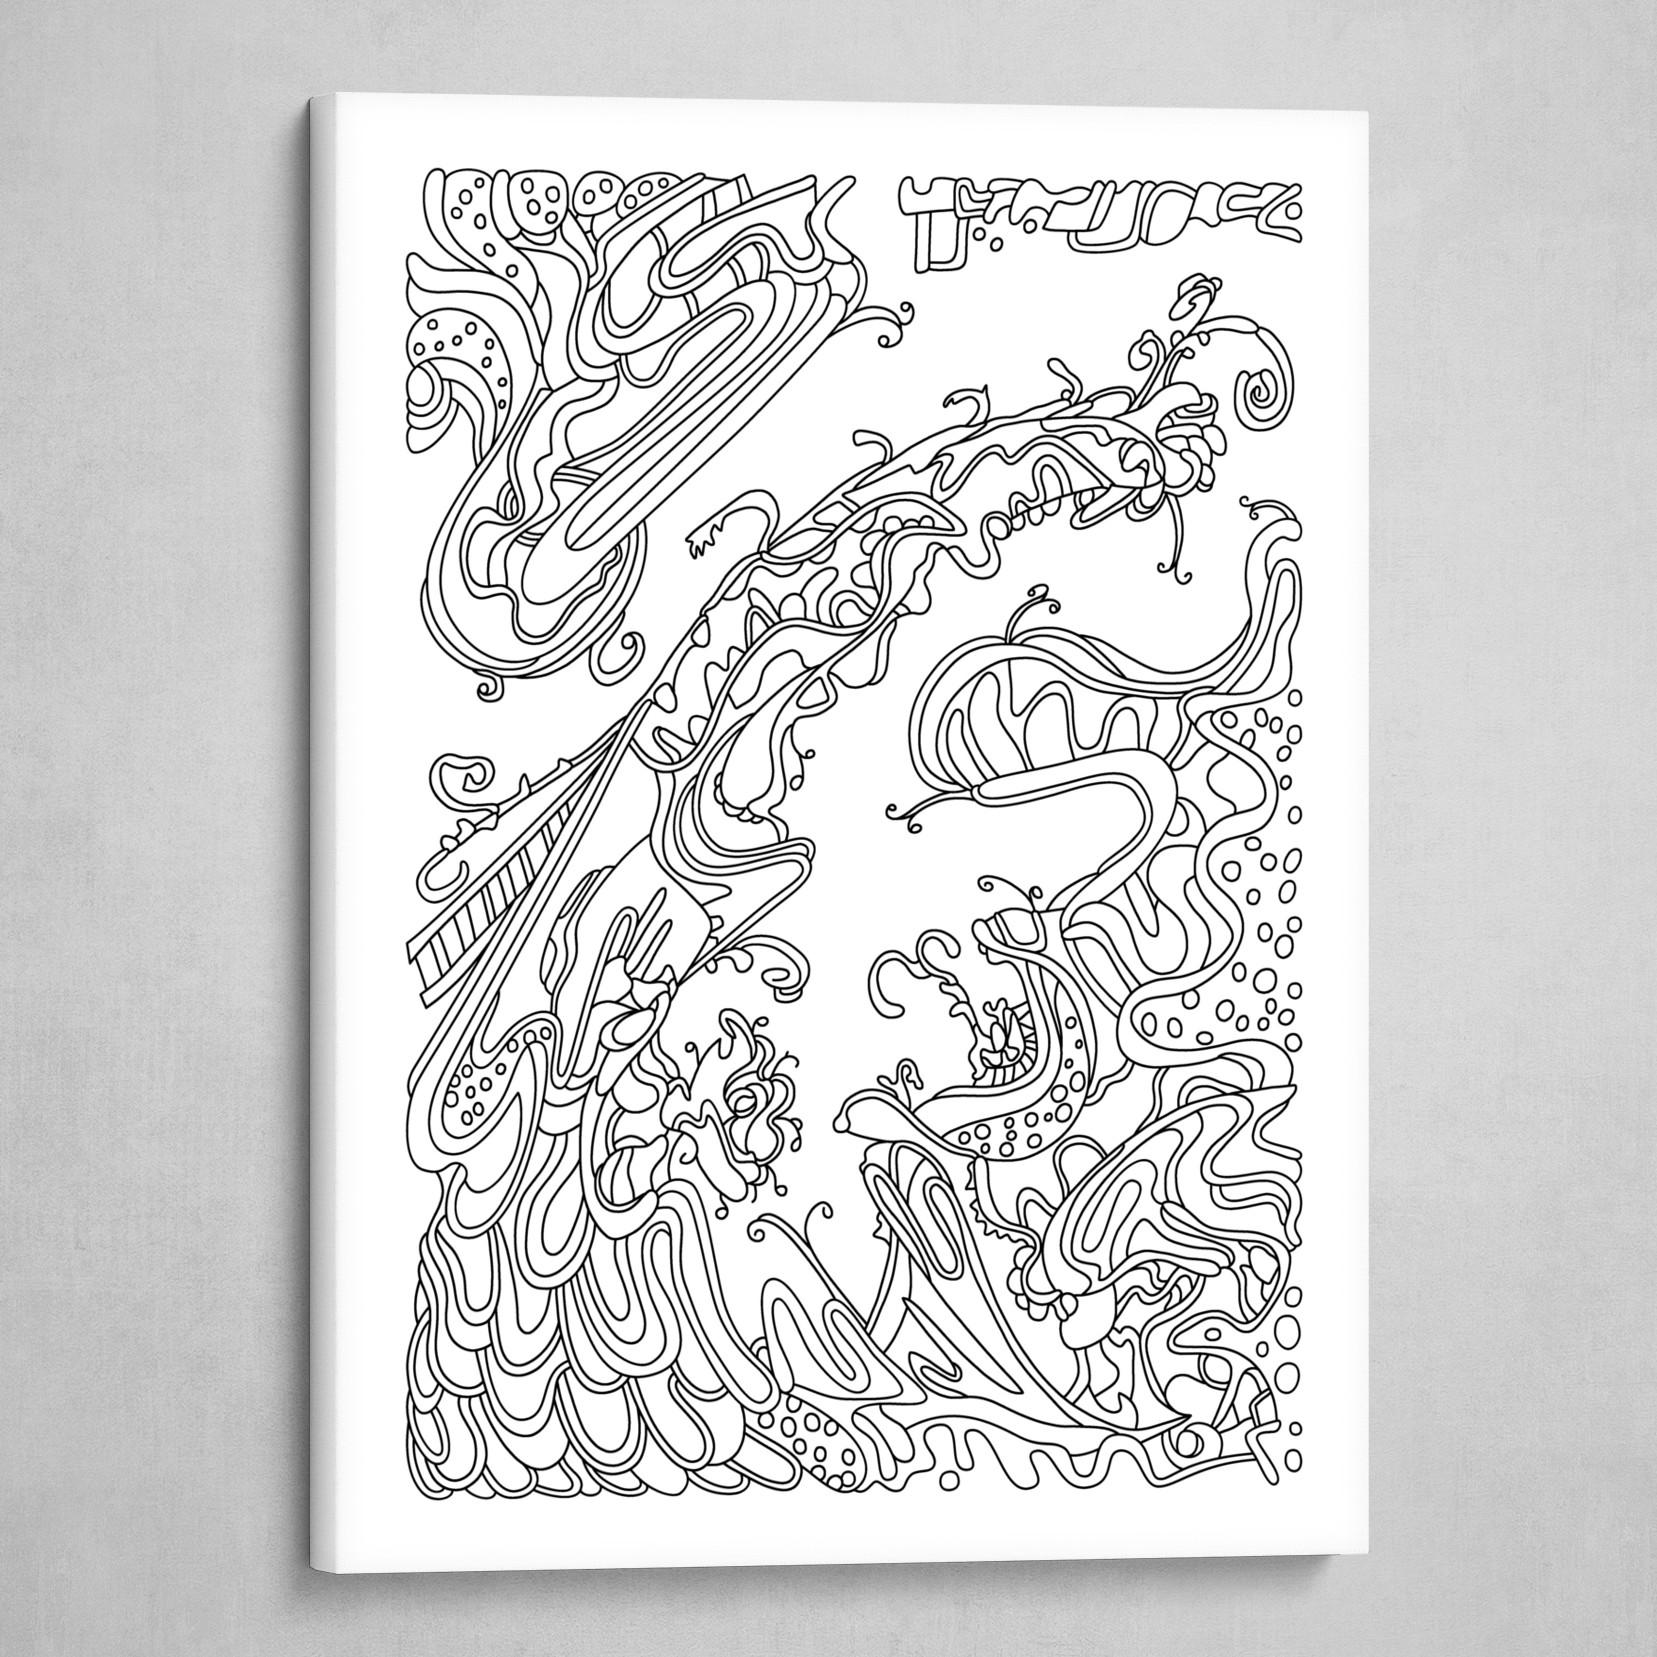 Wandering 16: black & white line art